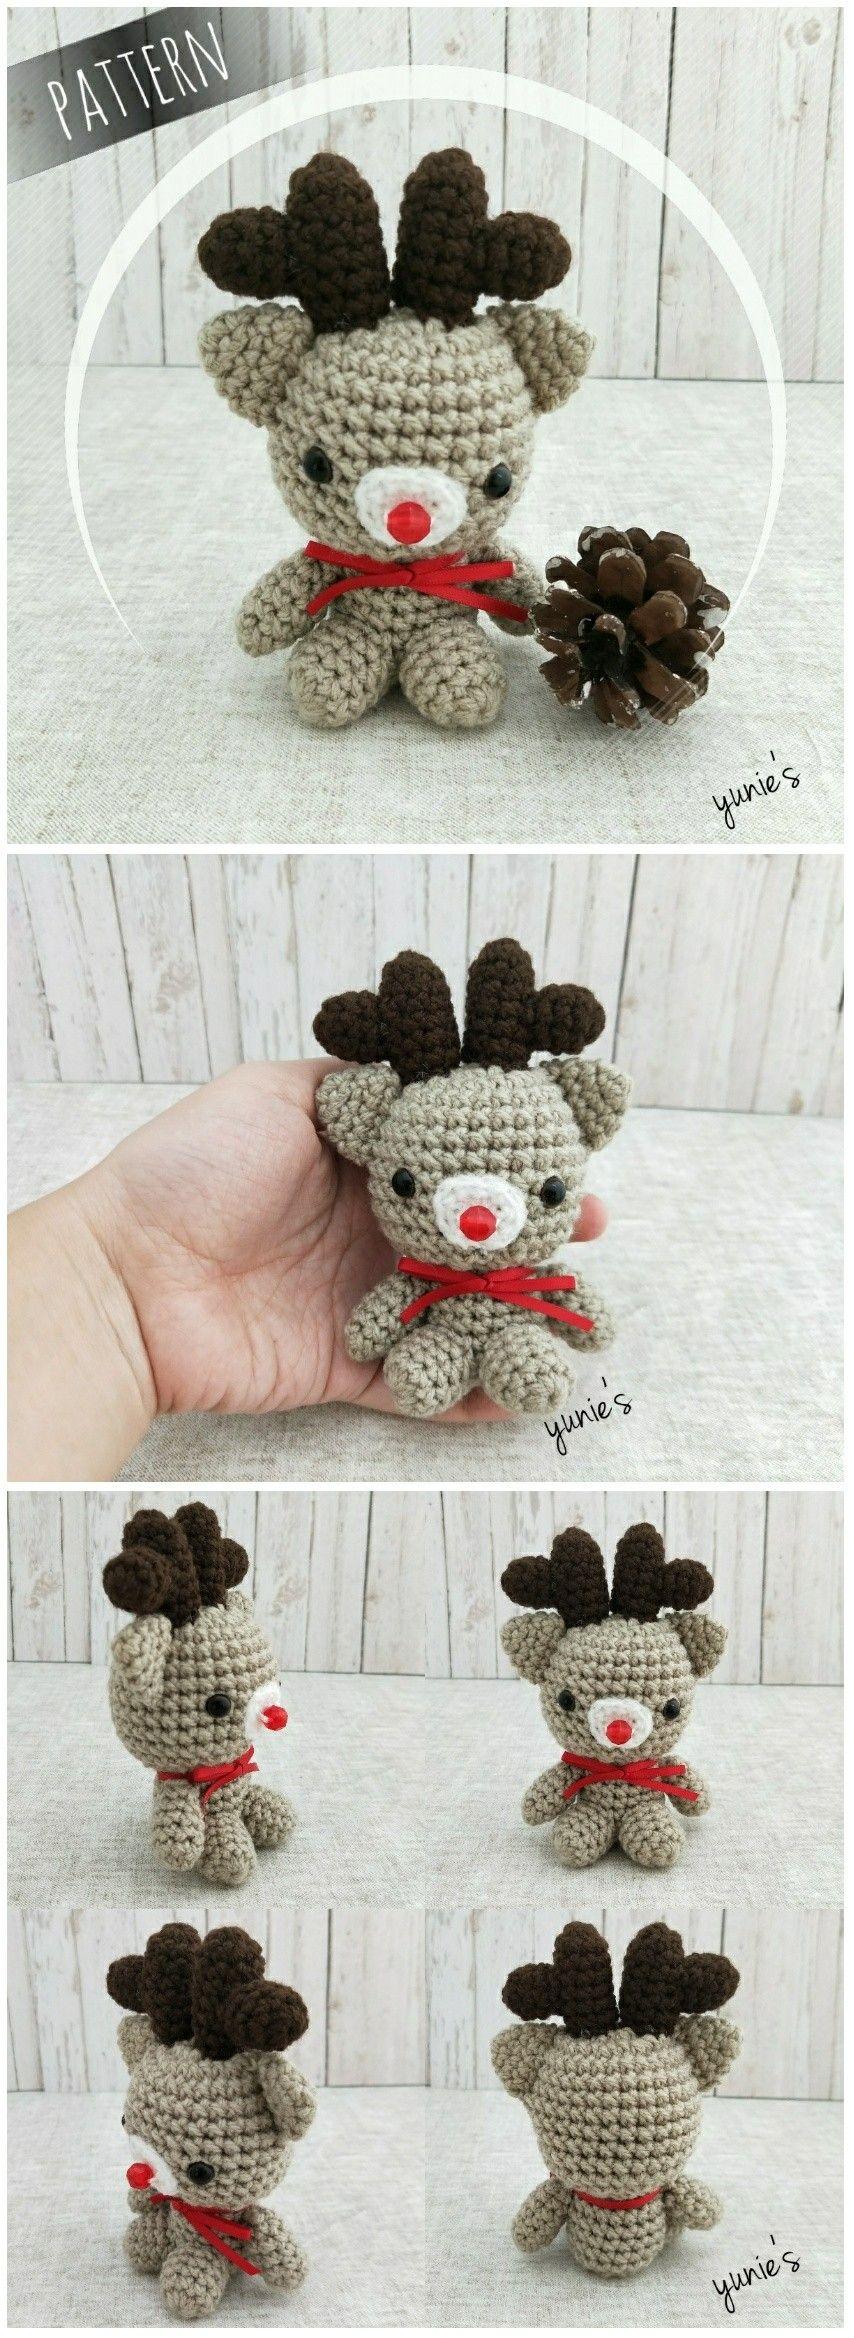 Crochet reindeer amigurumi Crochet Rudolph amigurumi Crochet pattern ...